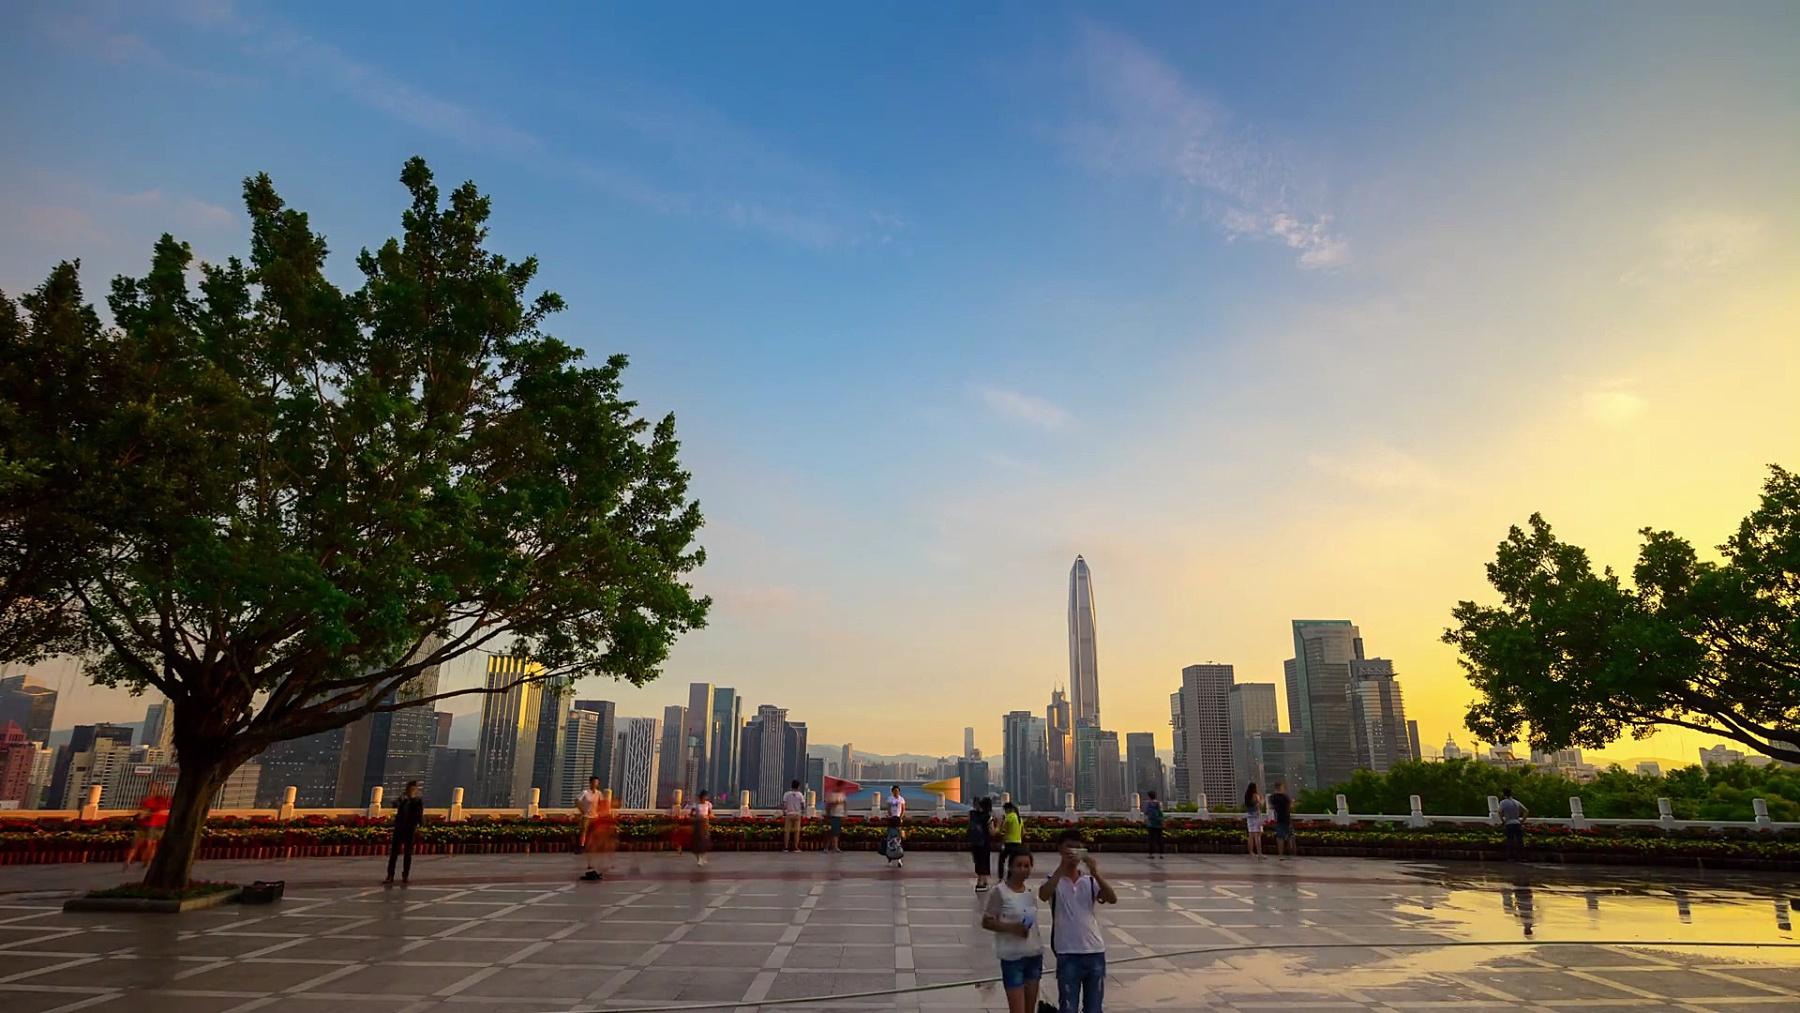 深圳莲花山公园观点城市全景  timelapse中国